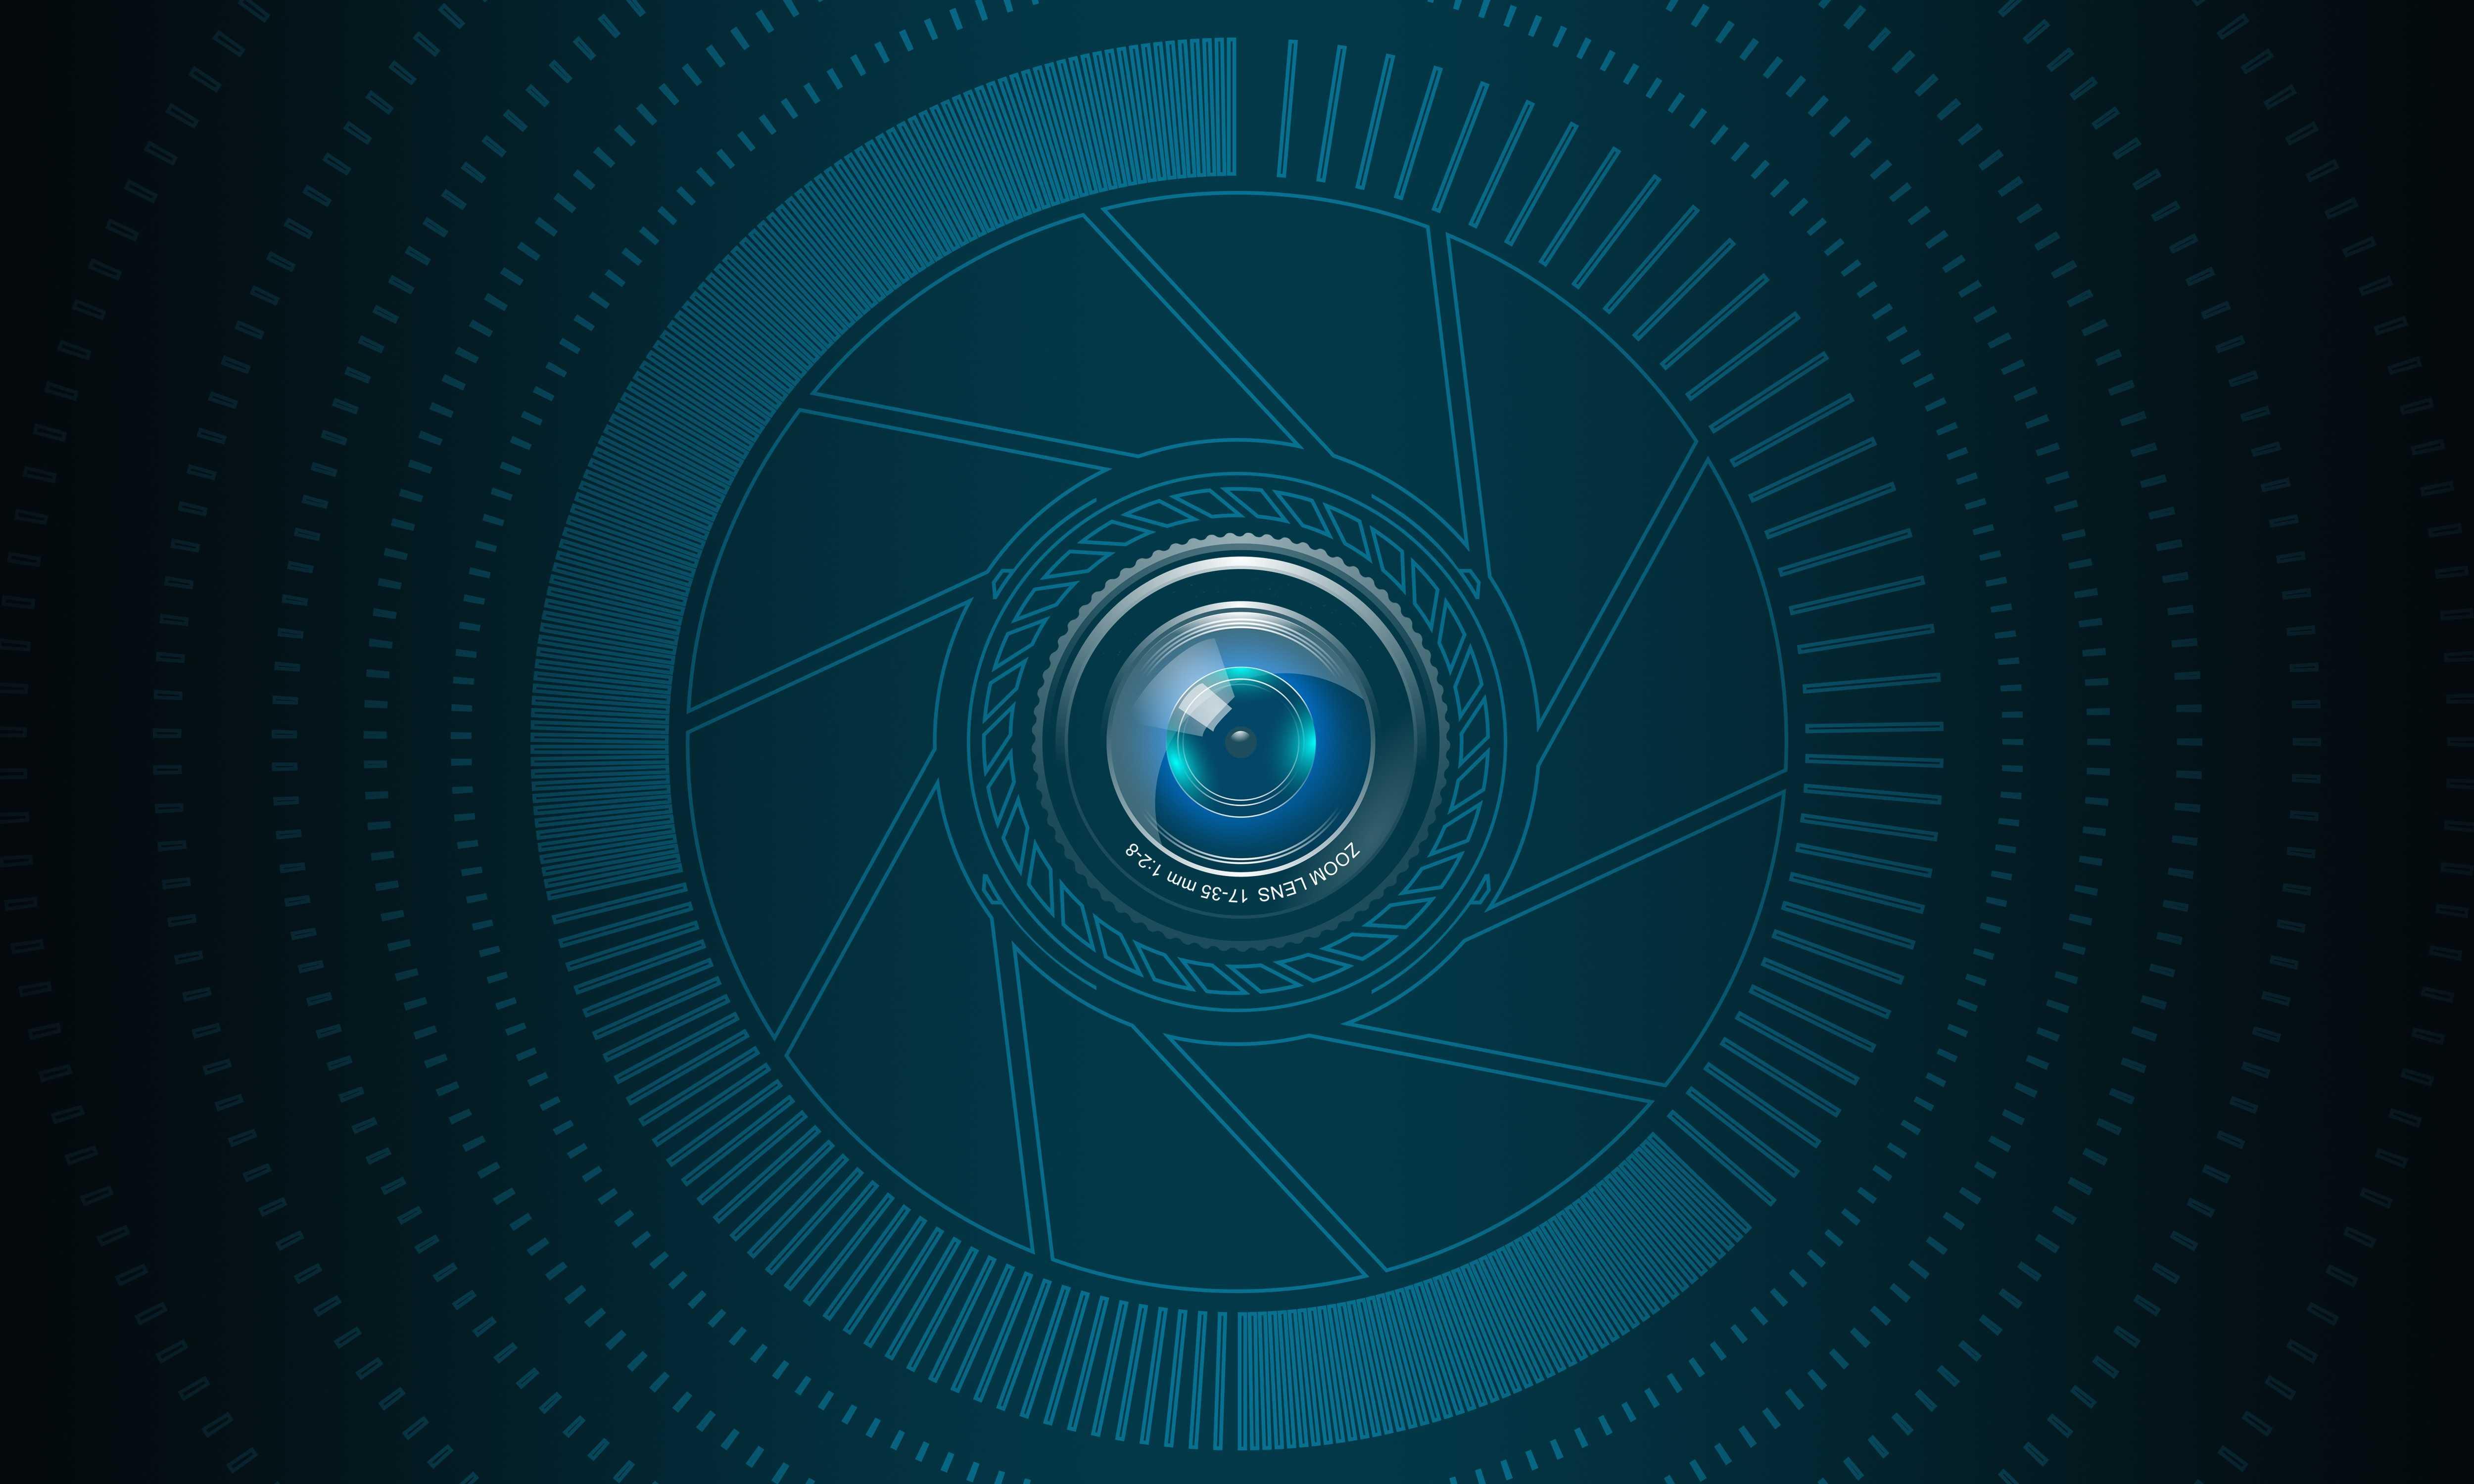 """Massenüberwachung: """"Snowden-Enthüllungen sind zu Wunschliste geworden"""""""